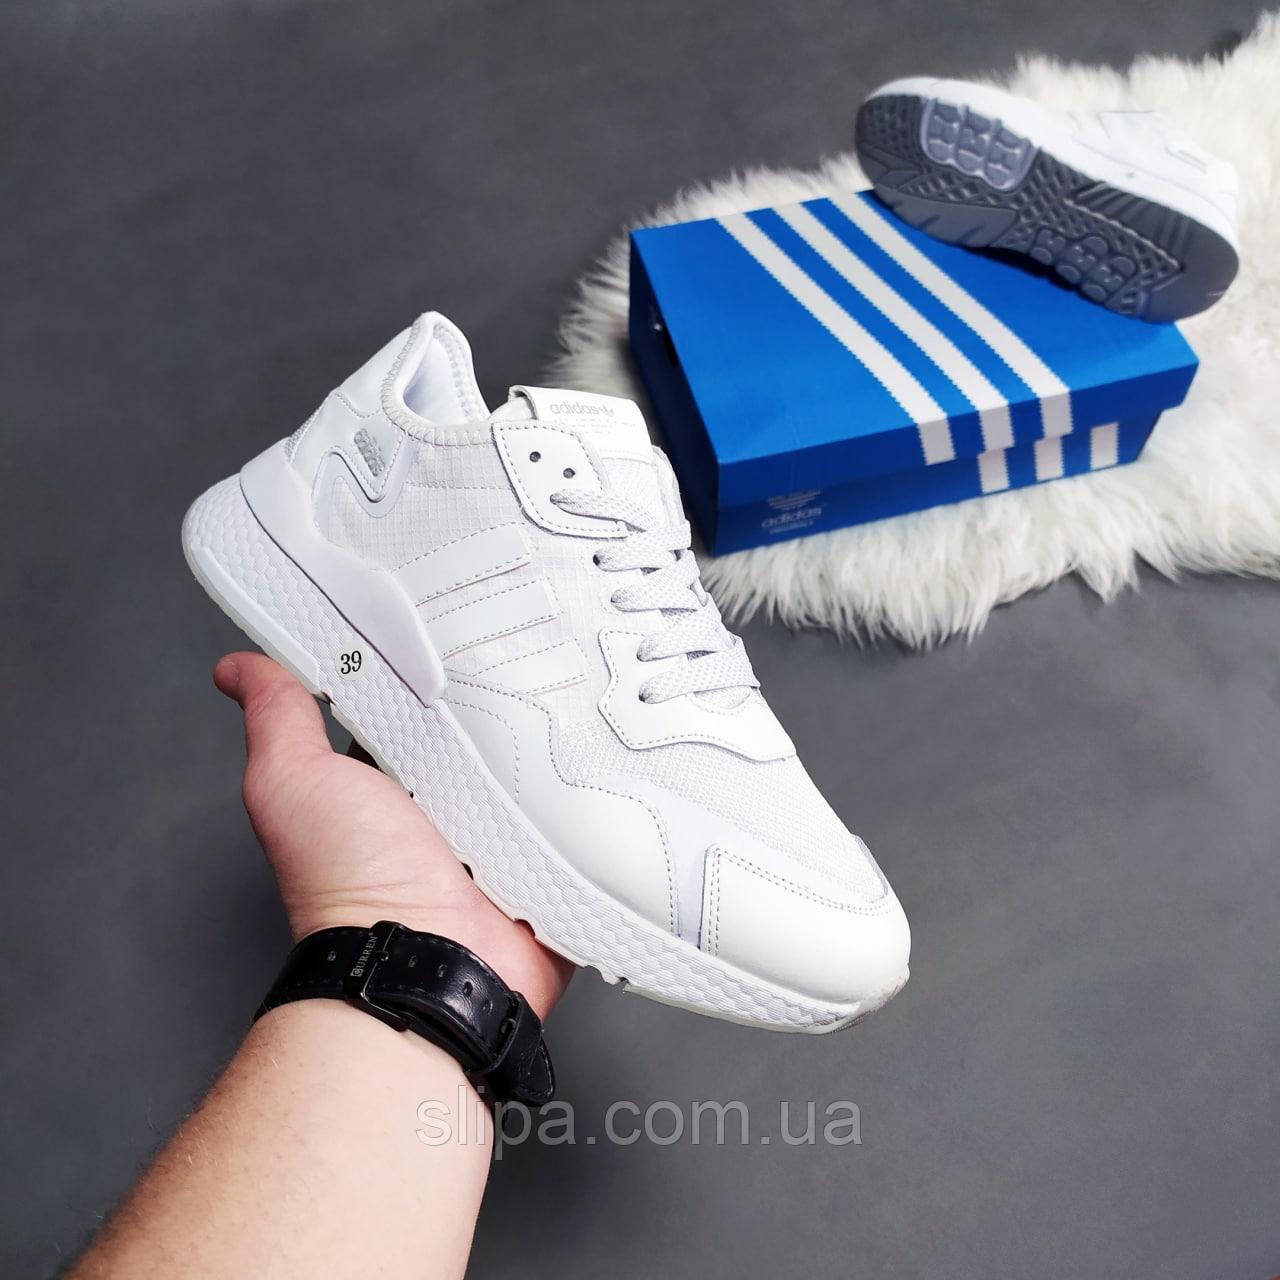 Білі кросівки жіночі Adidas Jogger   В'єтнам   еко-шкіра/текстиль + піна